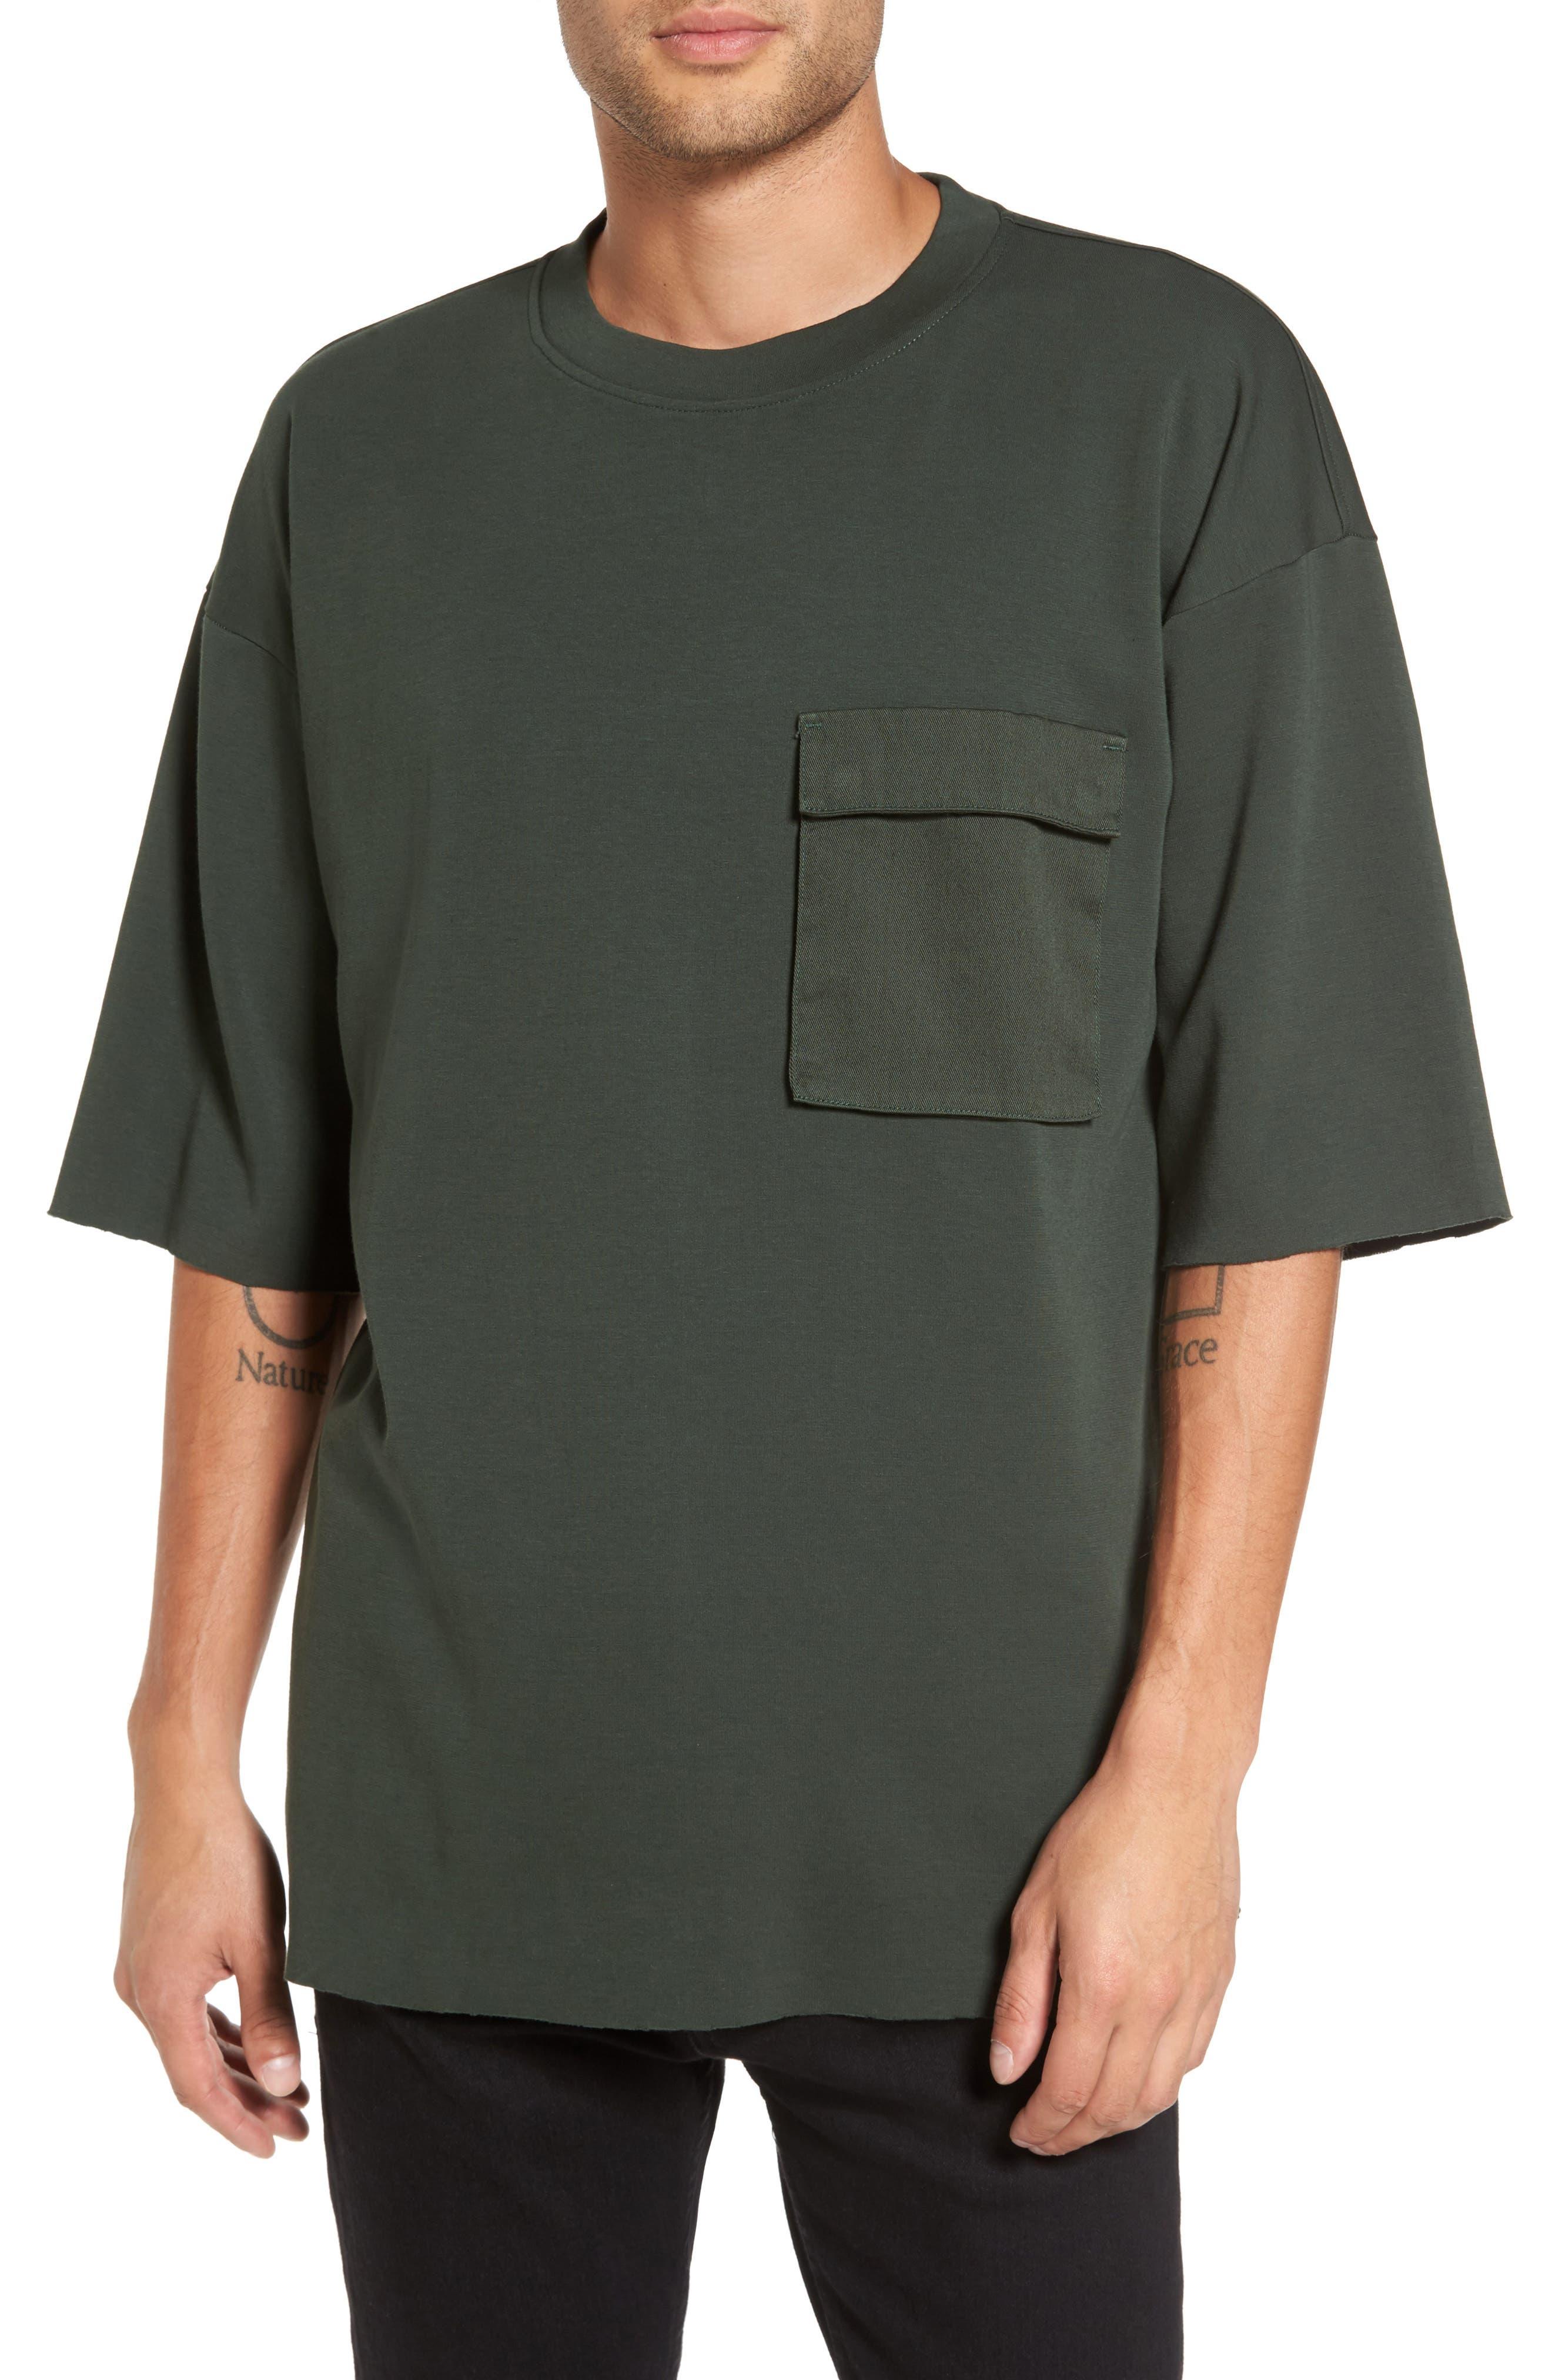 Mauno Pocket T-Shirt,                             Main thumbnail 1, color,                             Riot Green